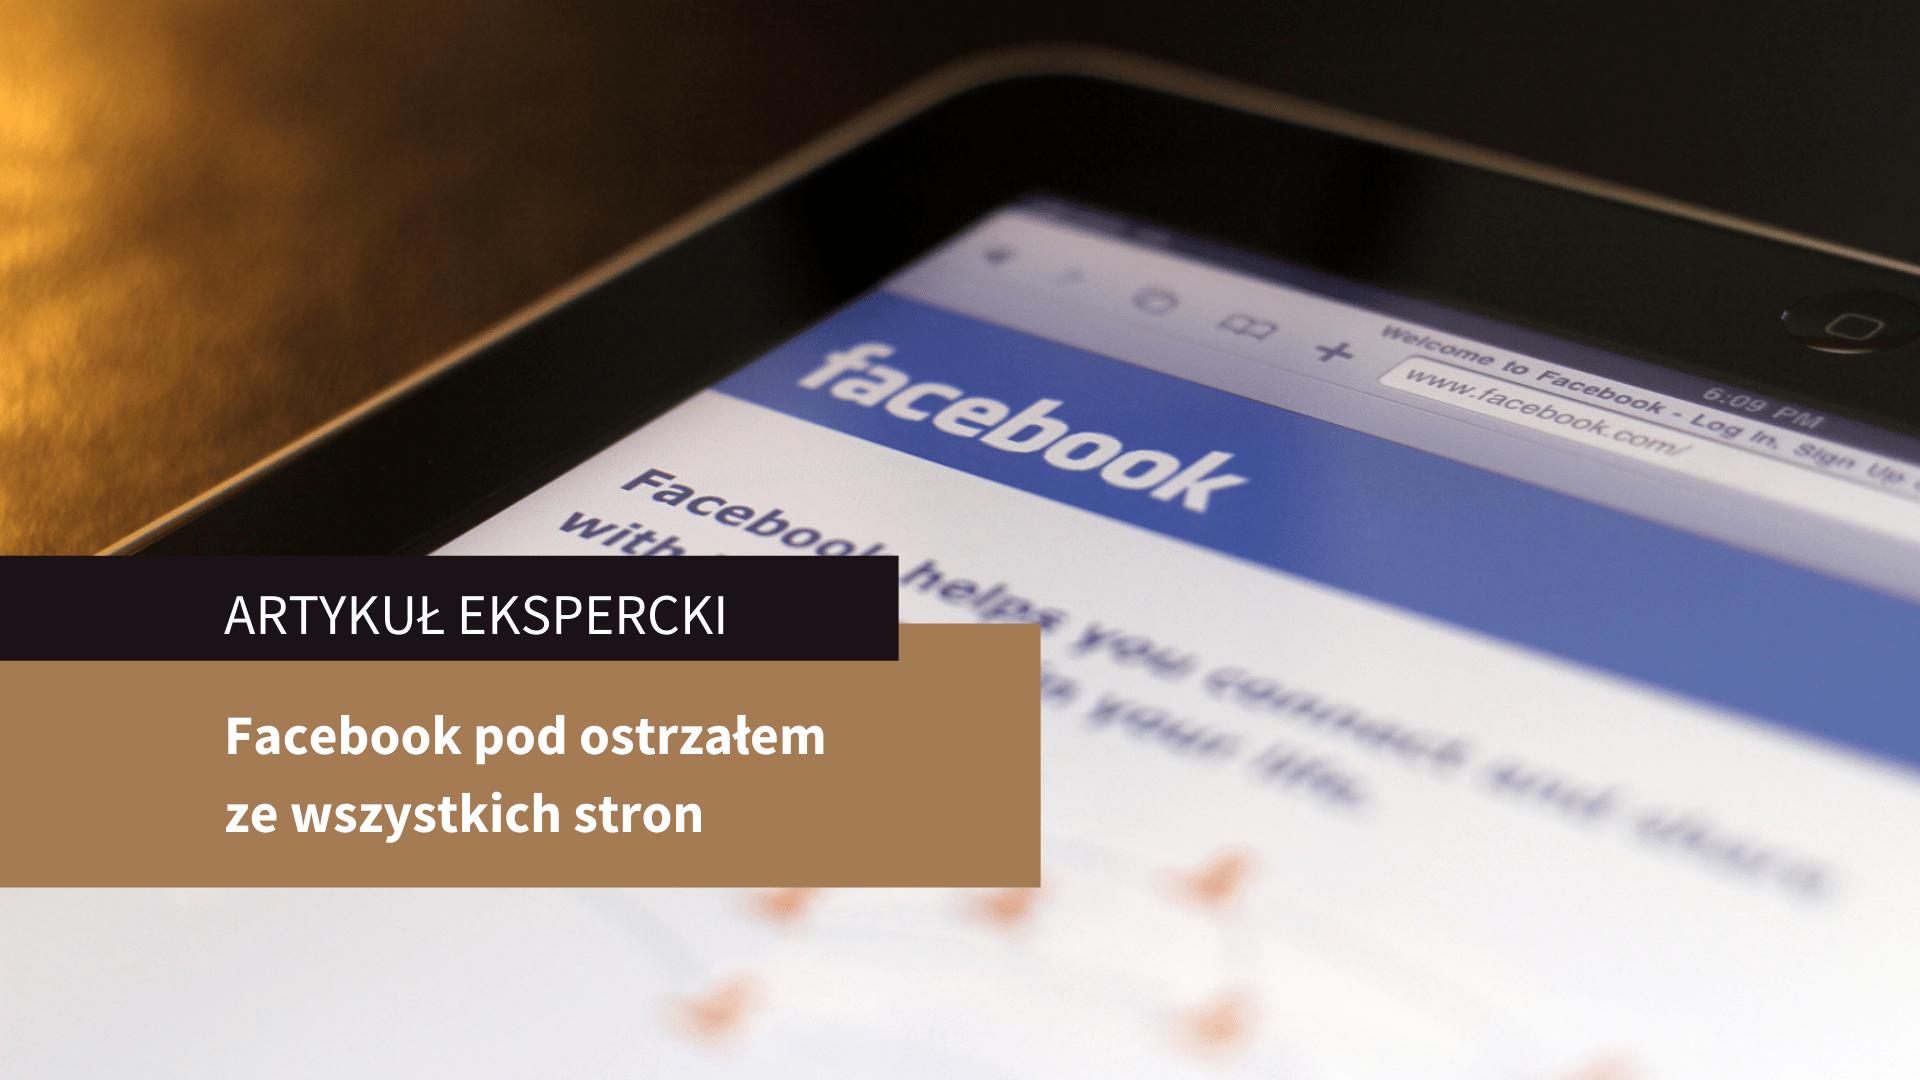 Facebook pod ostrzałem ze wszystkich stron – artykuł ekspercki